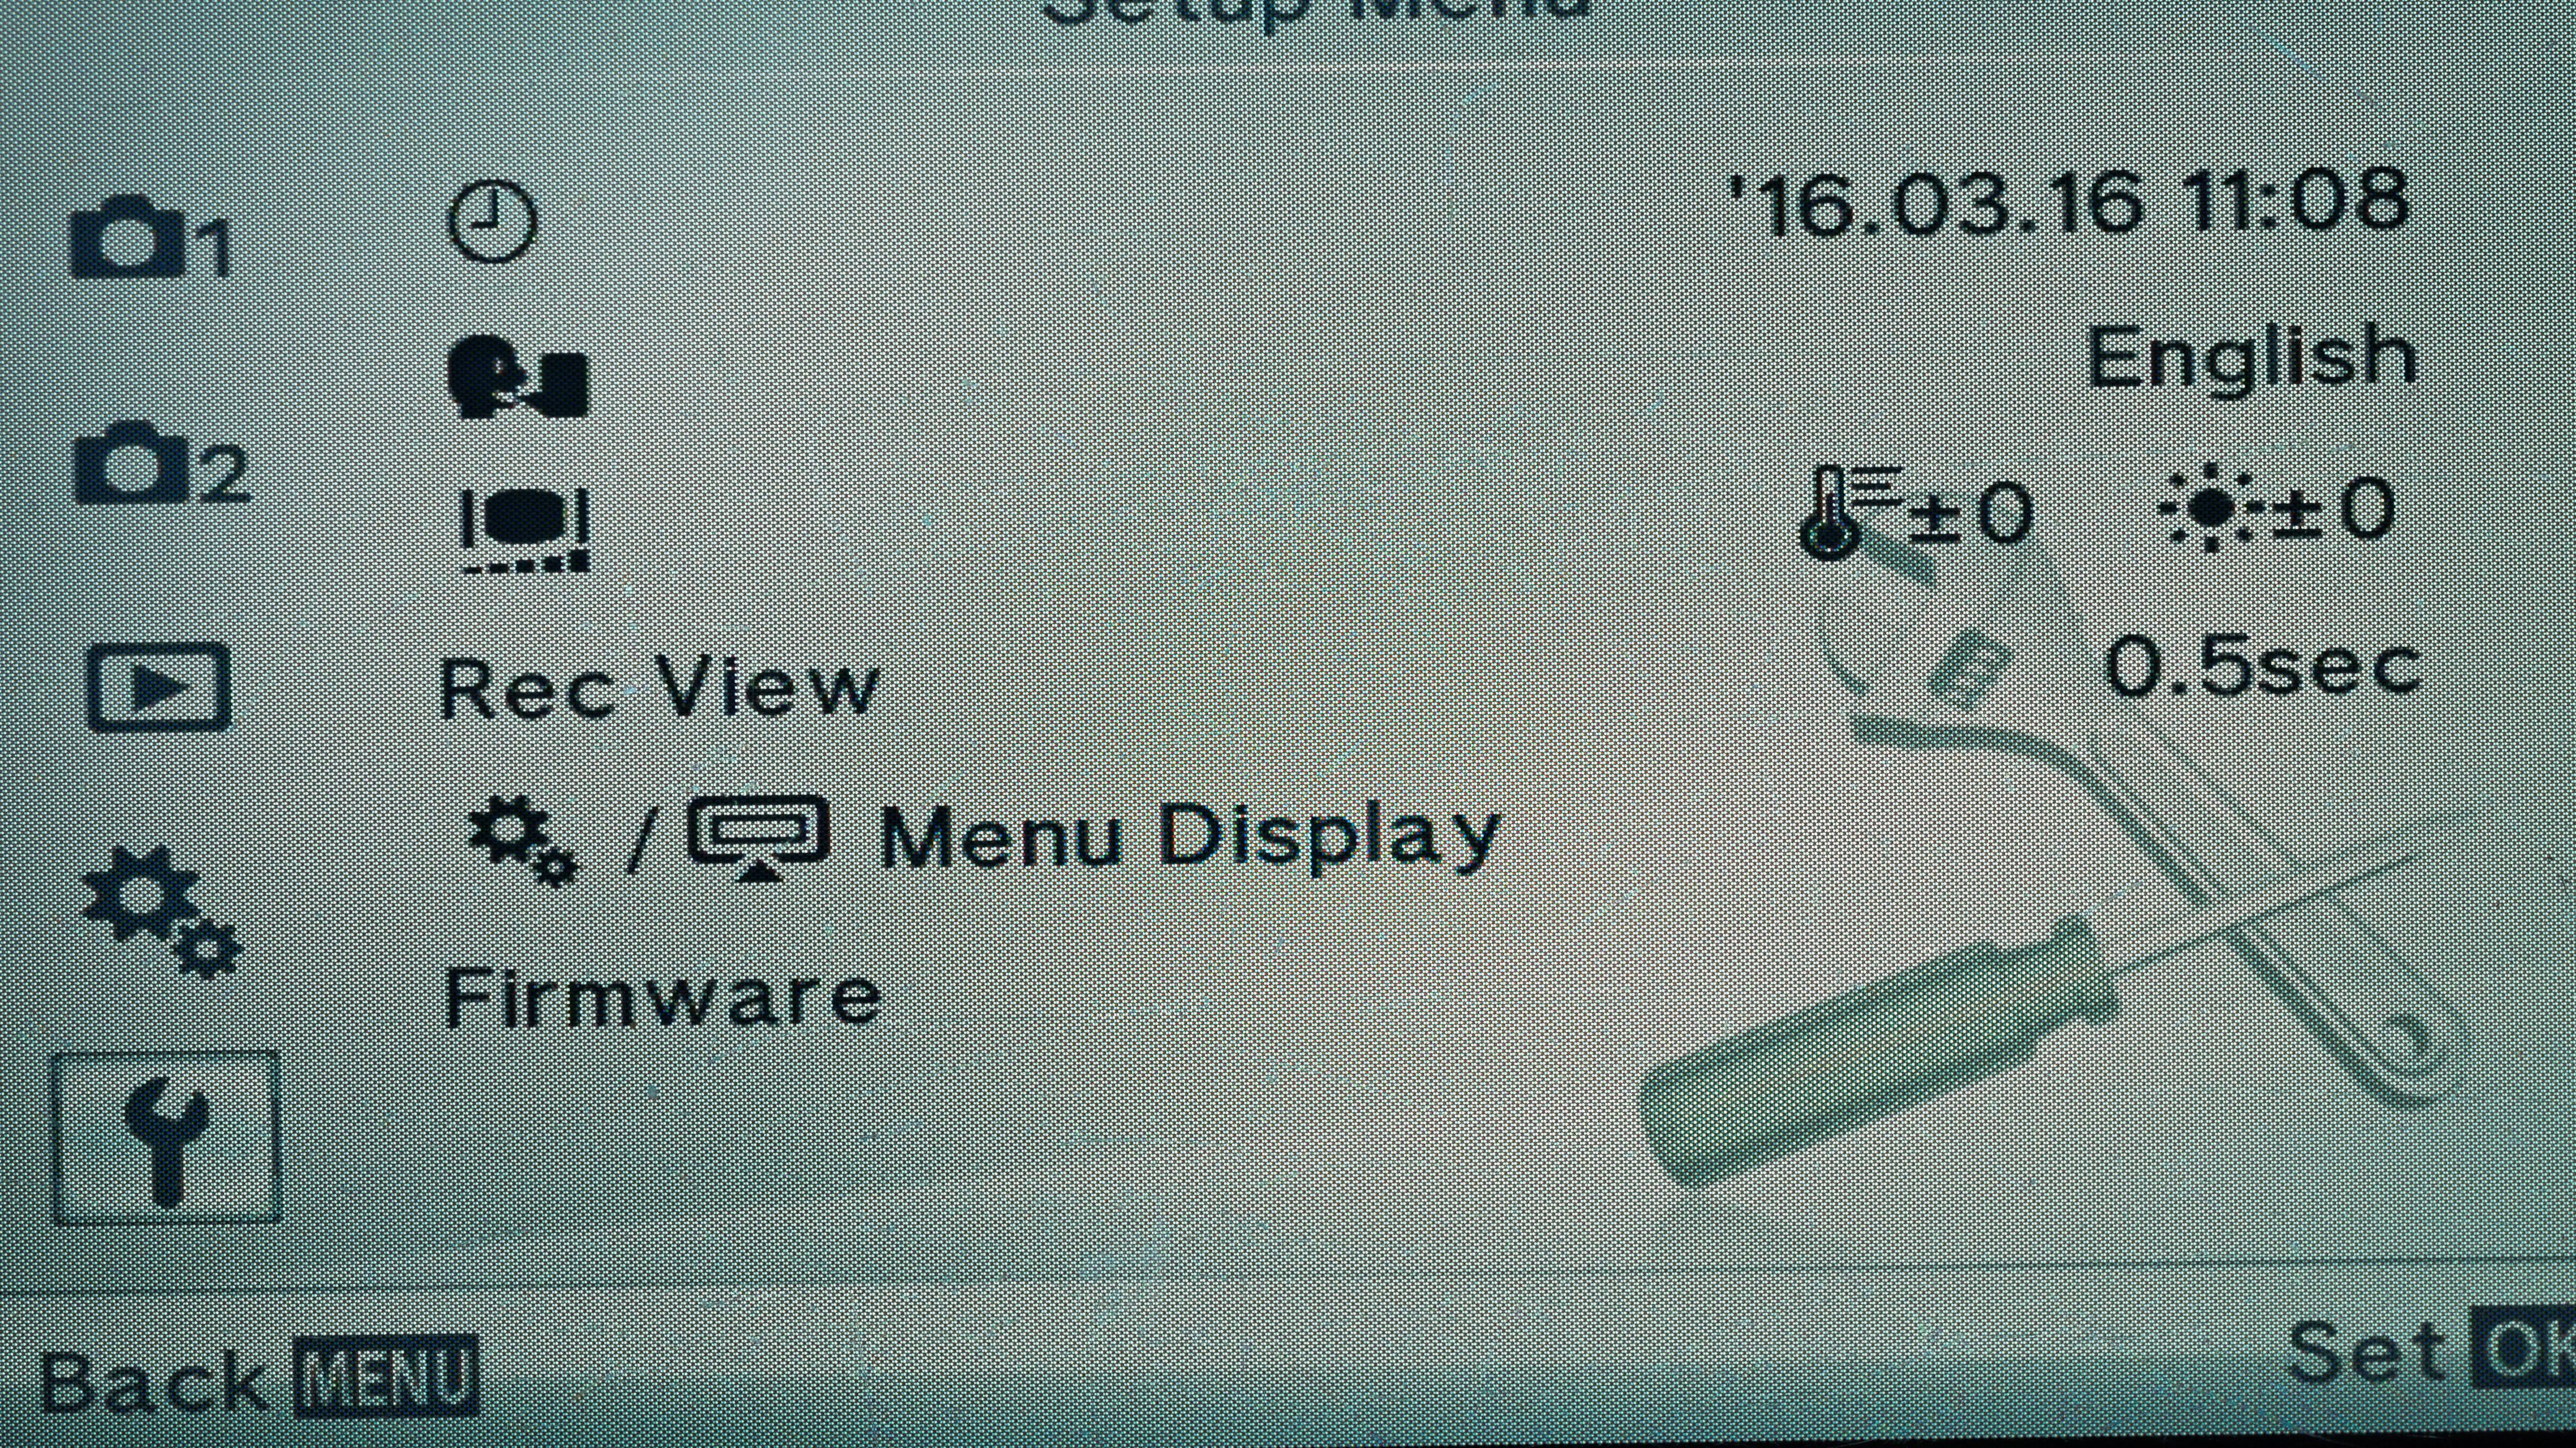 Wrench-menu-2.jpeg